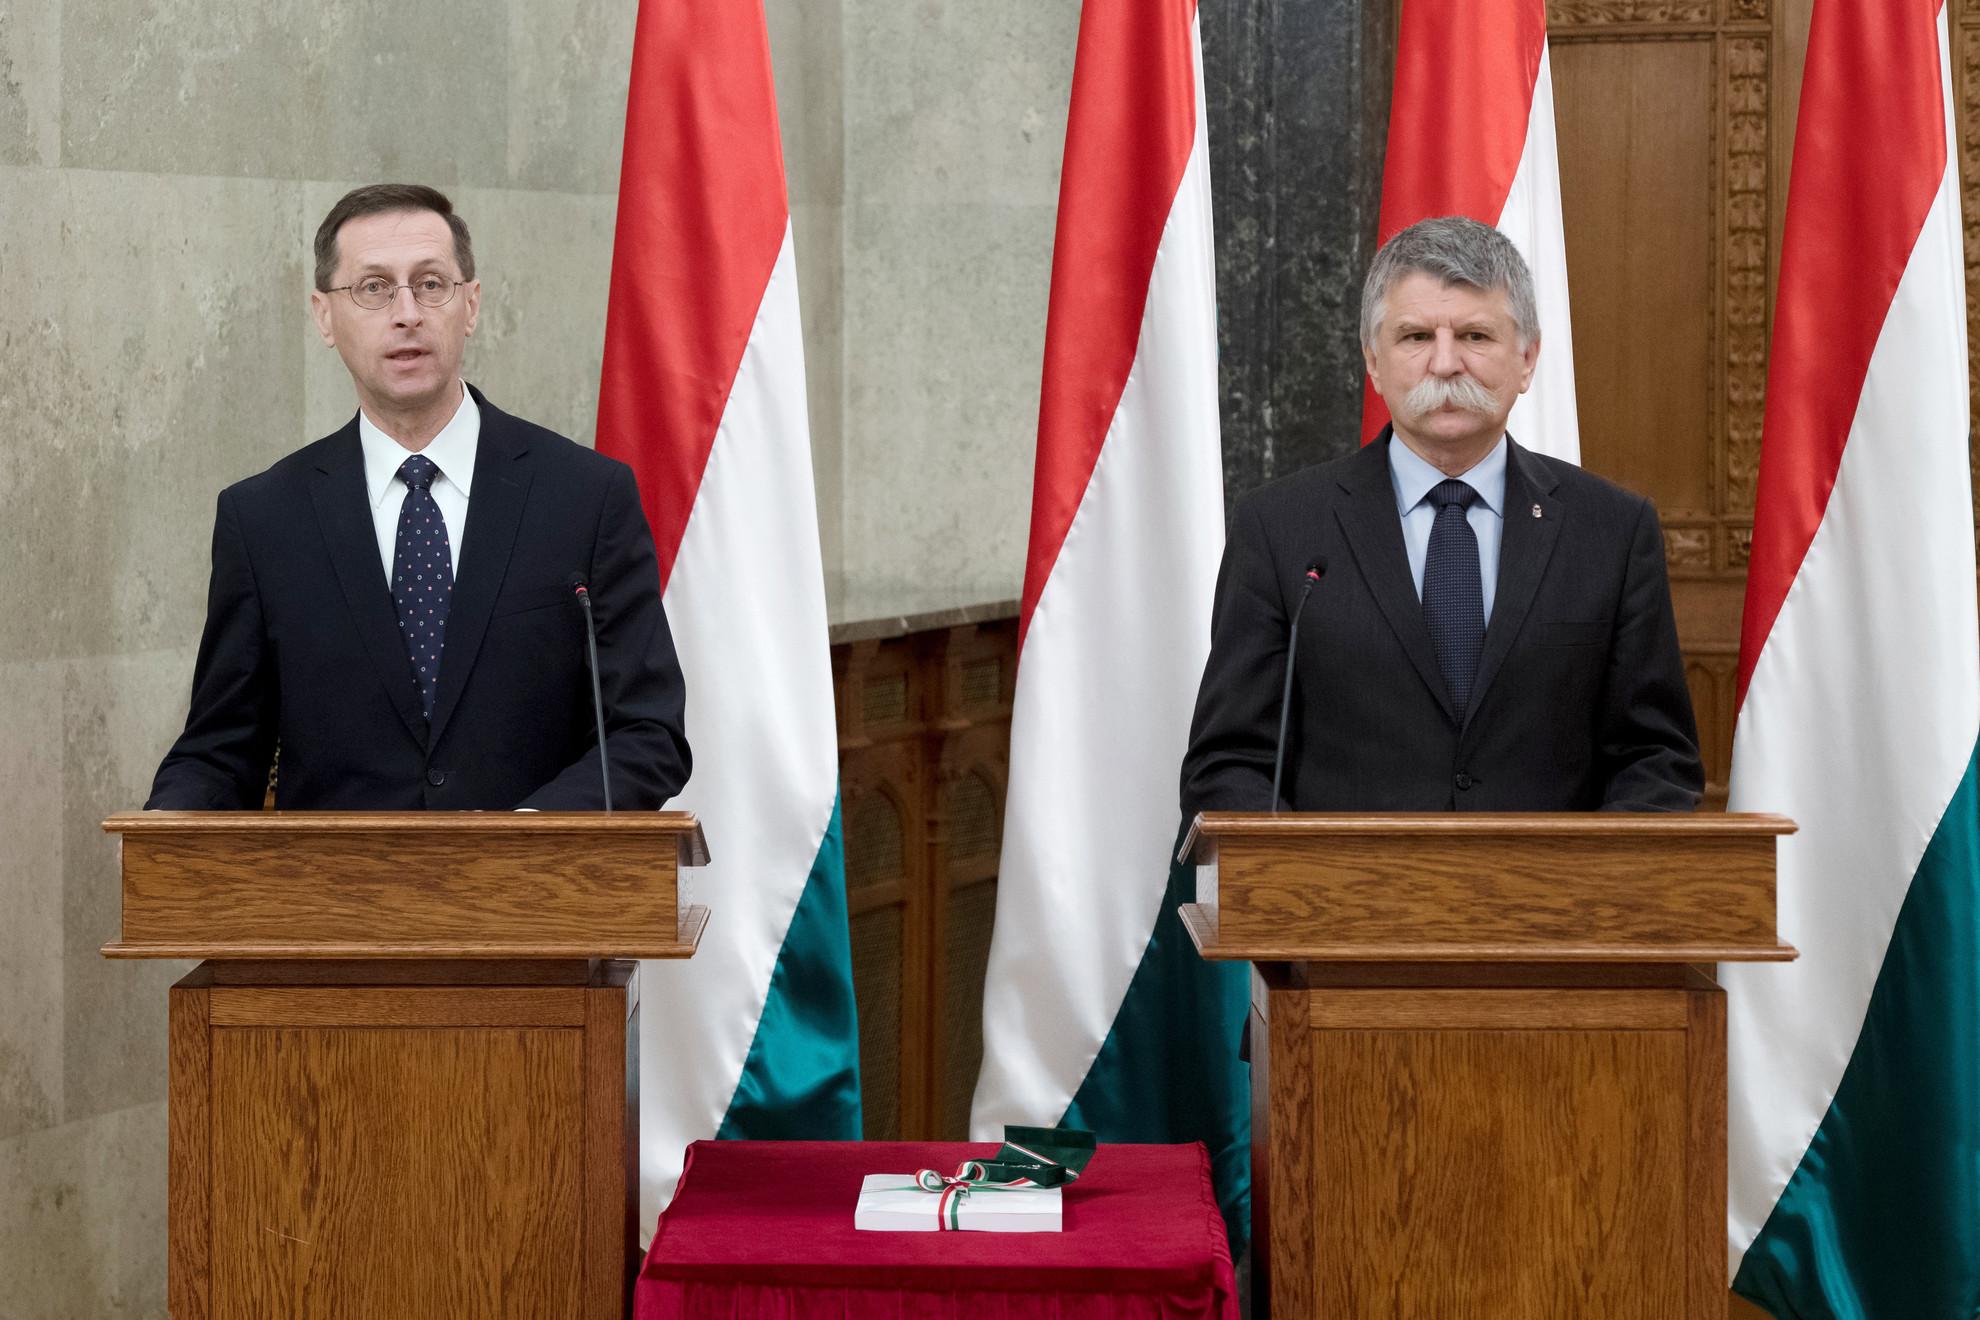 Kövér László, az Országgyűlés elnöke (j) és Varga Mihály pénzügyminiszter a 2021. évi költségvetési törvényjavaslat átadásán az Országházban 2020. május 26-án